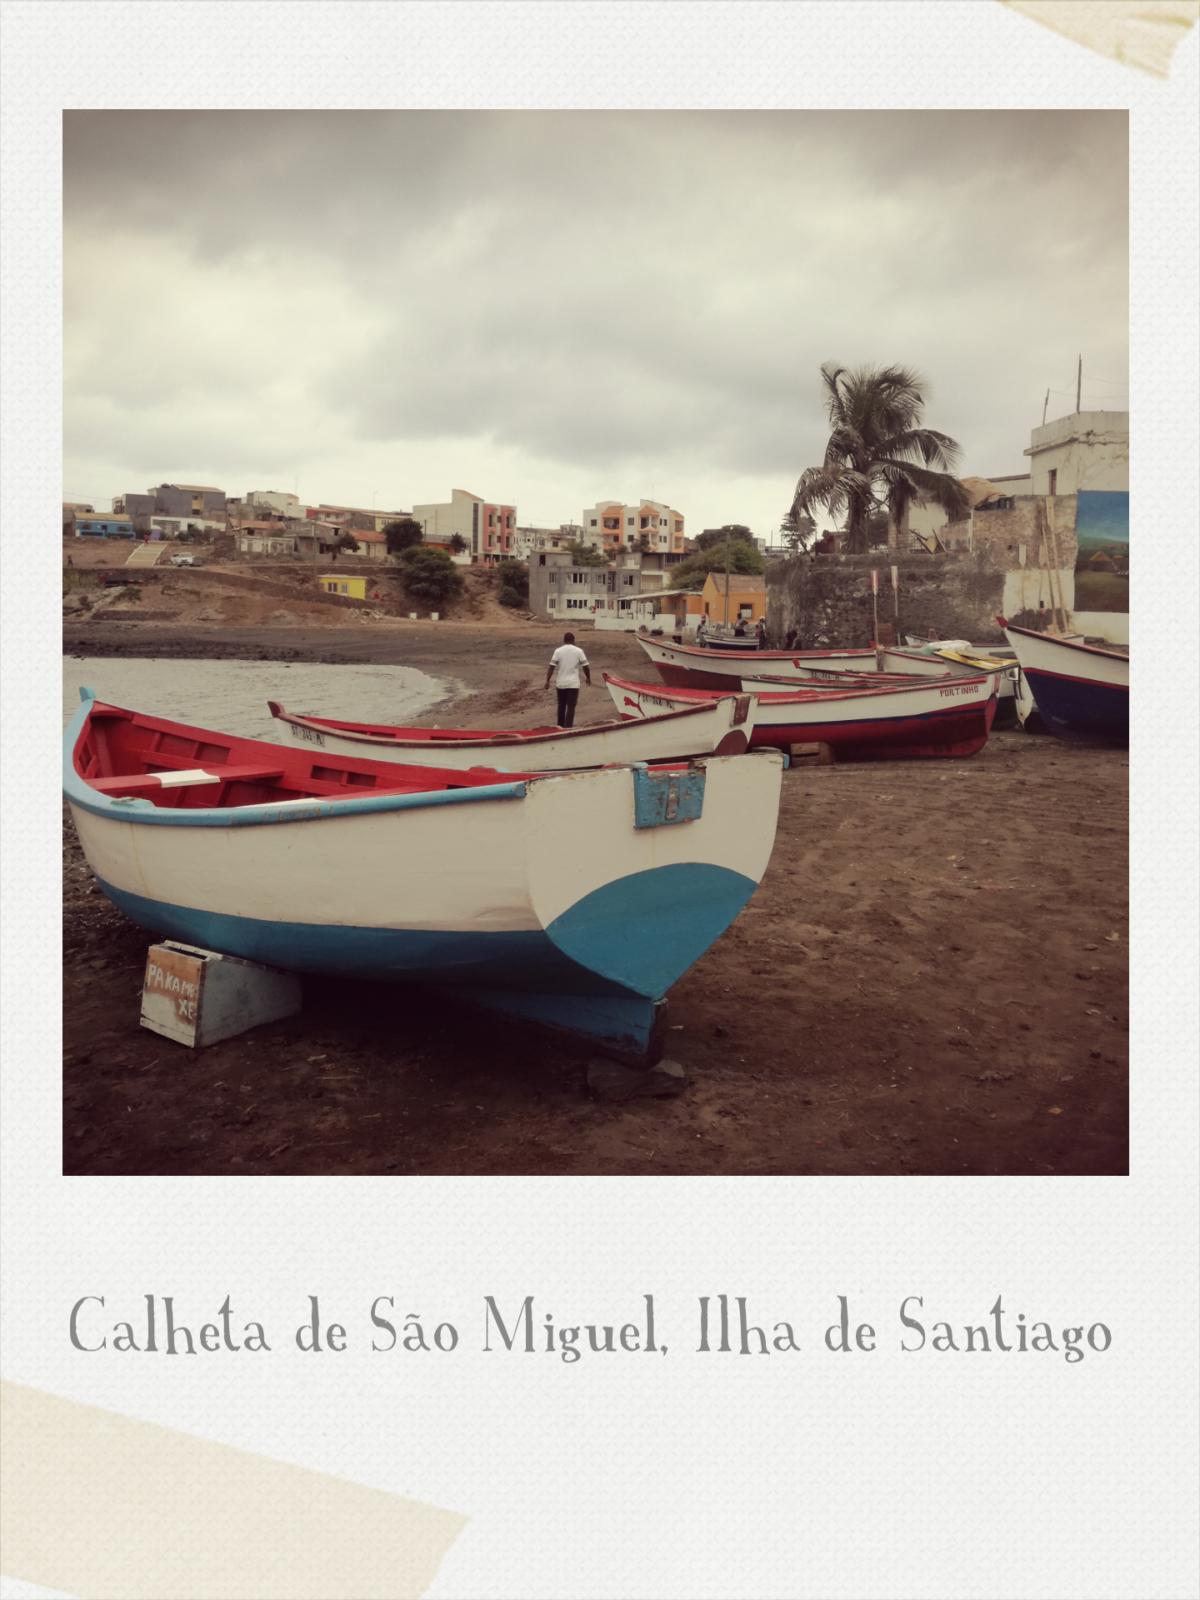 Calheta de São Miguel _ Ilha de Santiago, 4 febbraio